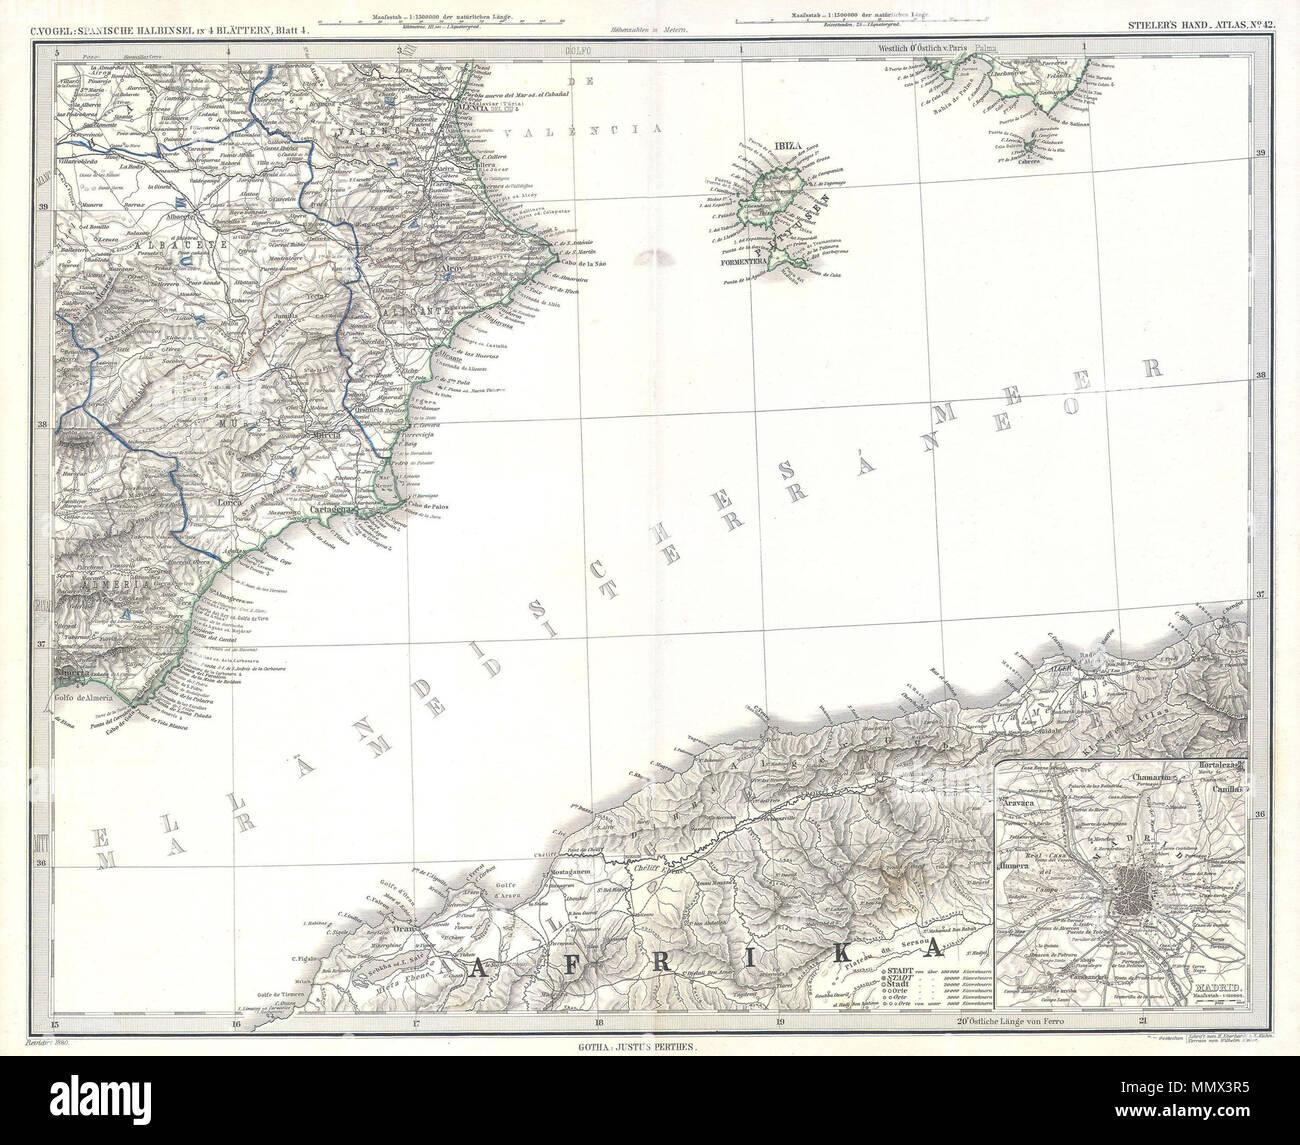 Mapa De España Costas.Ingles Este Fascinante Coloreado A Mano Mapa Muestra Las